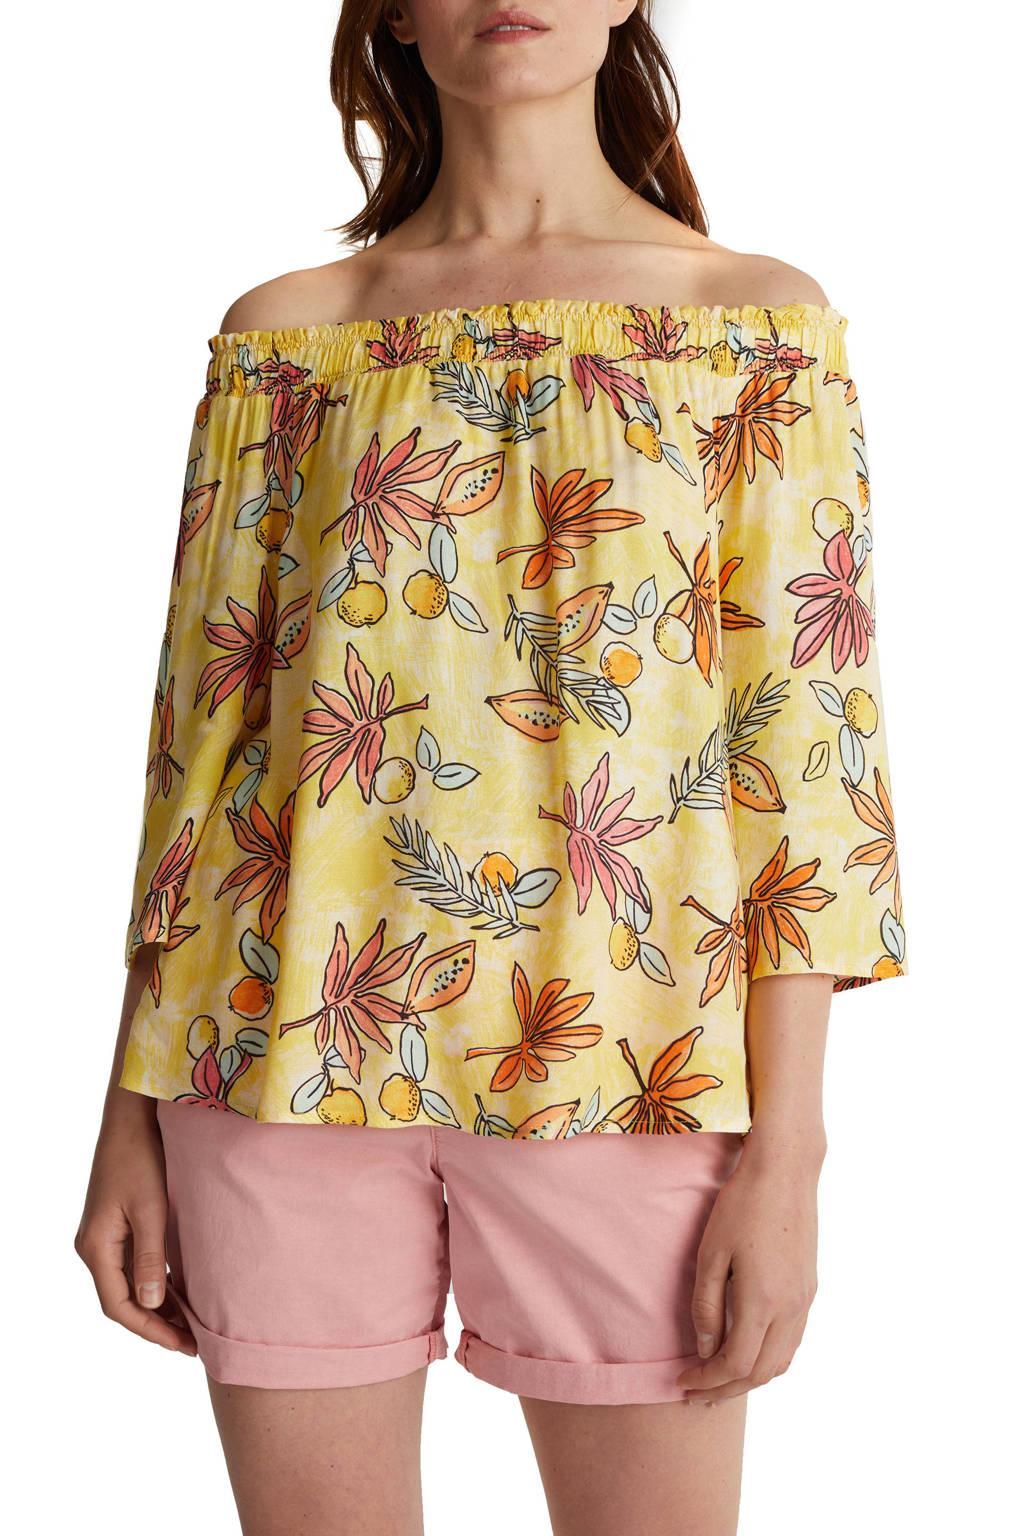 ESPRIT Women Casual off shoulder top met all over print geel/oranje, Geel/oranje